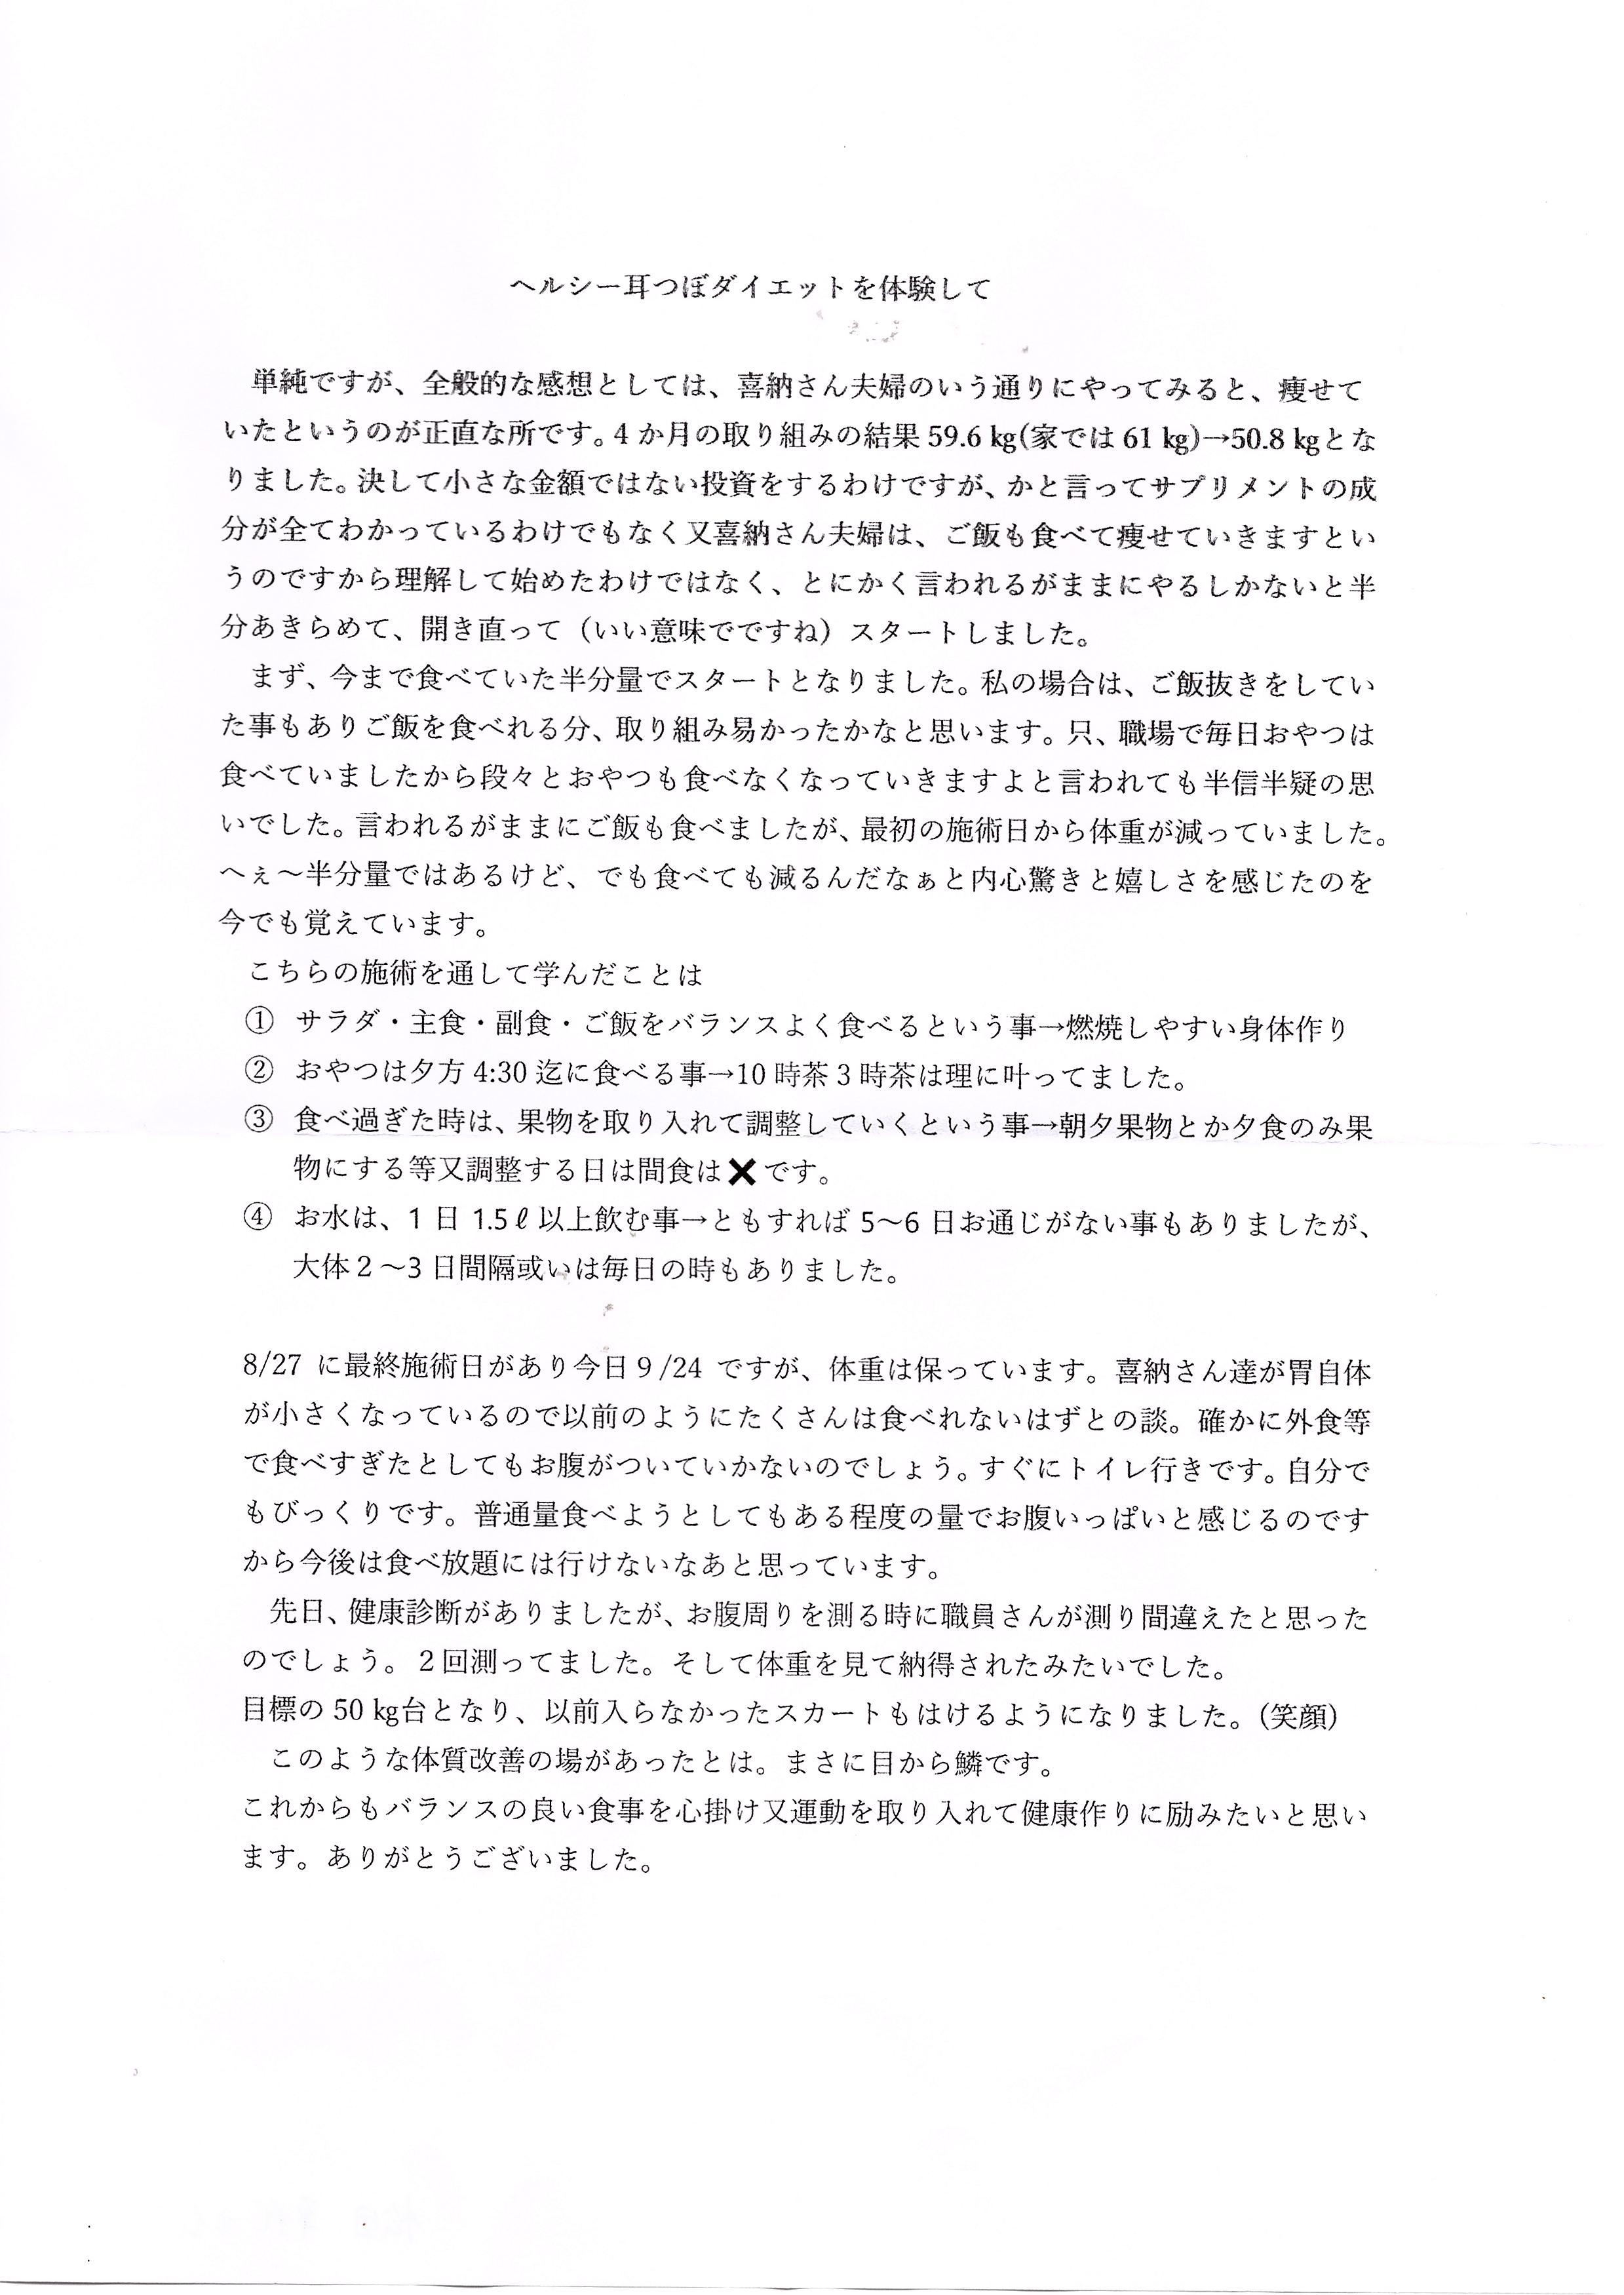 松田幸代さん手紙